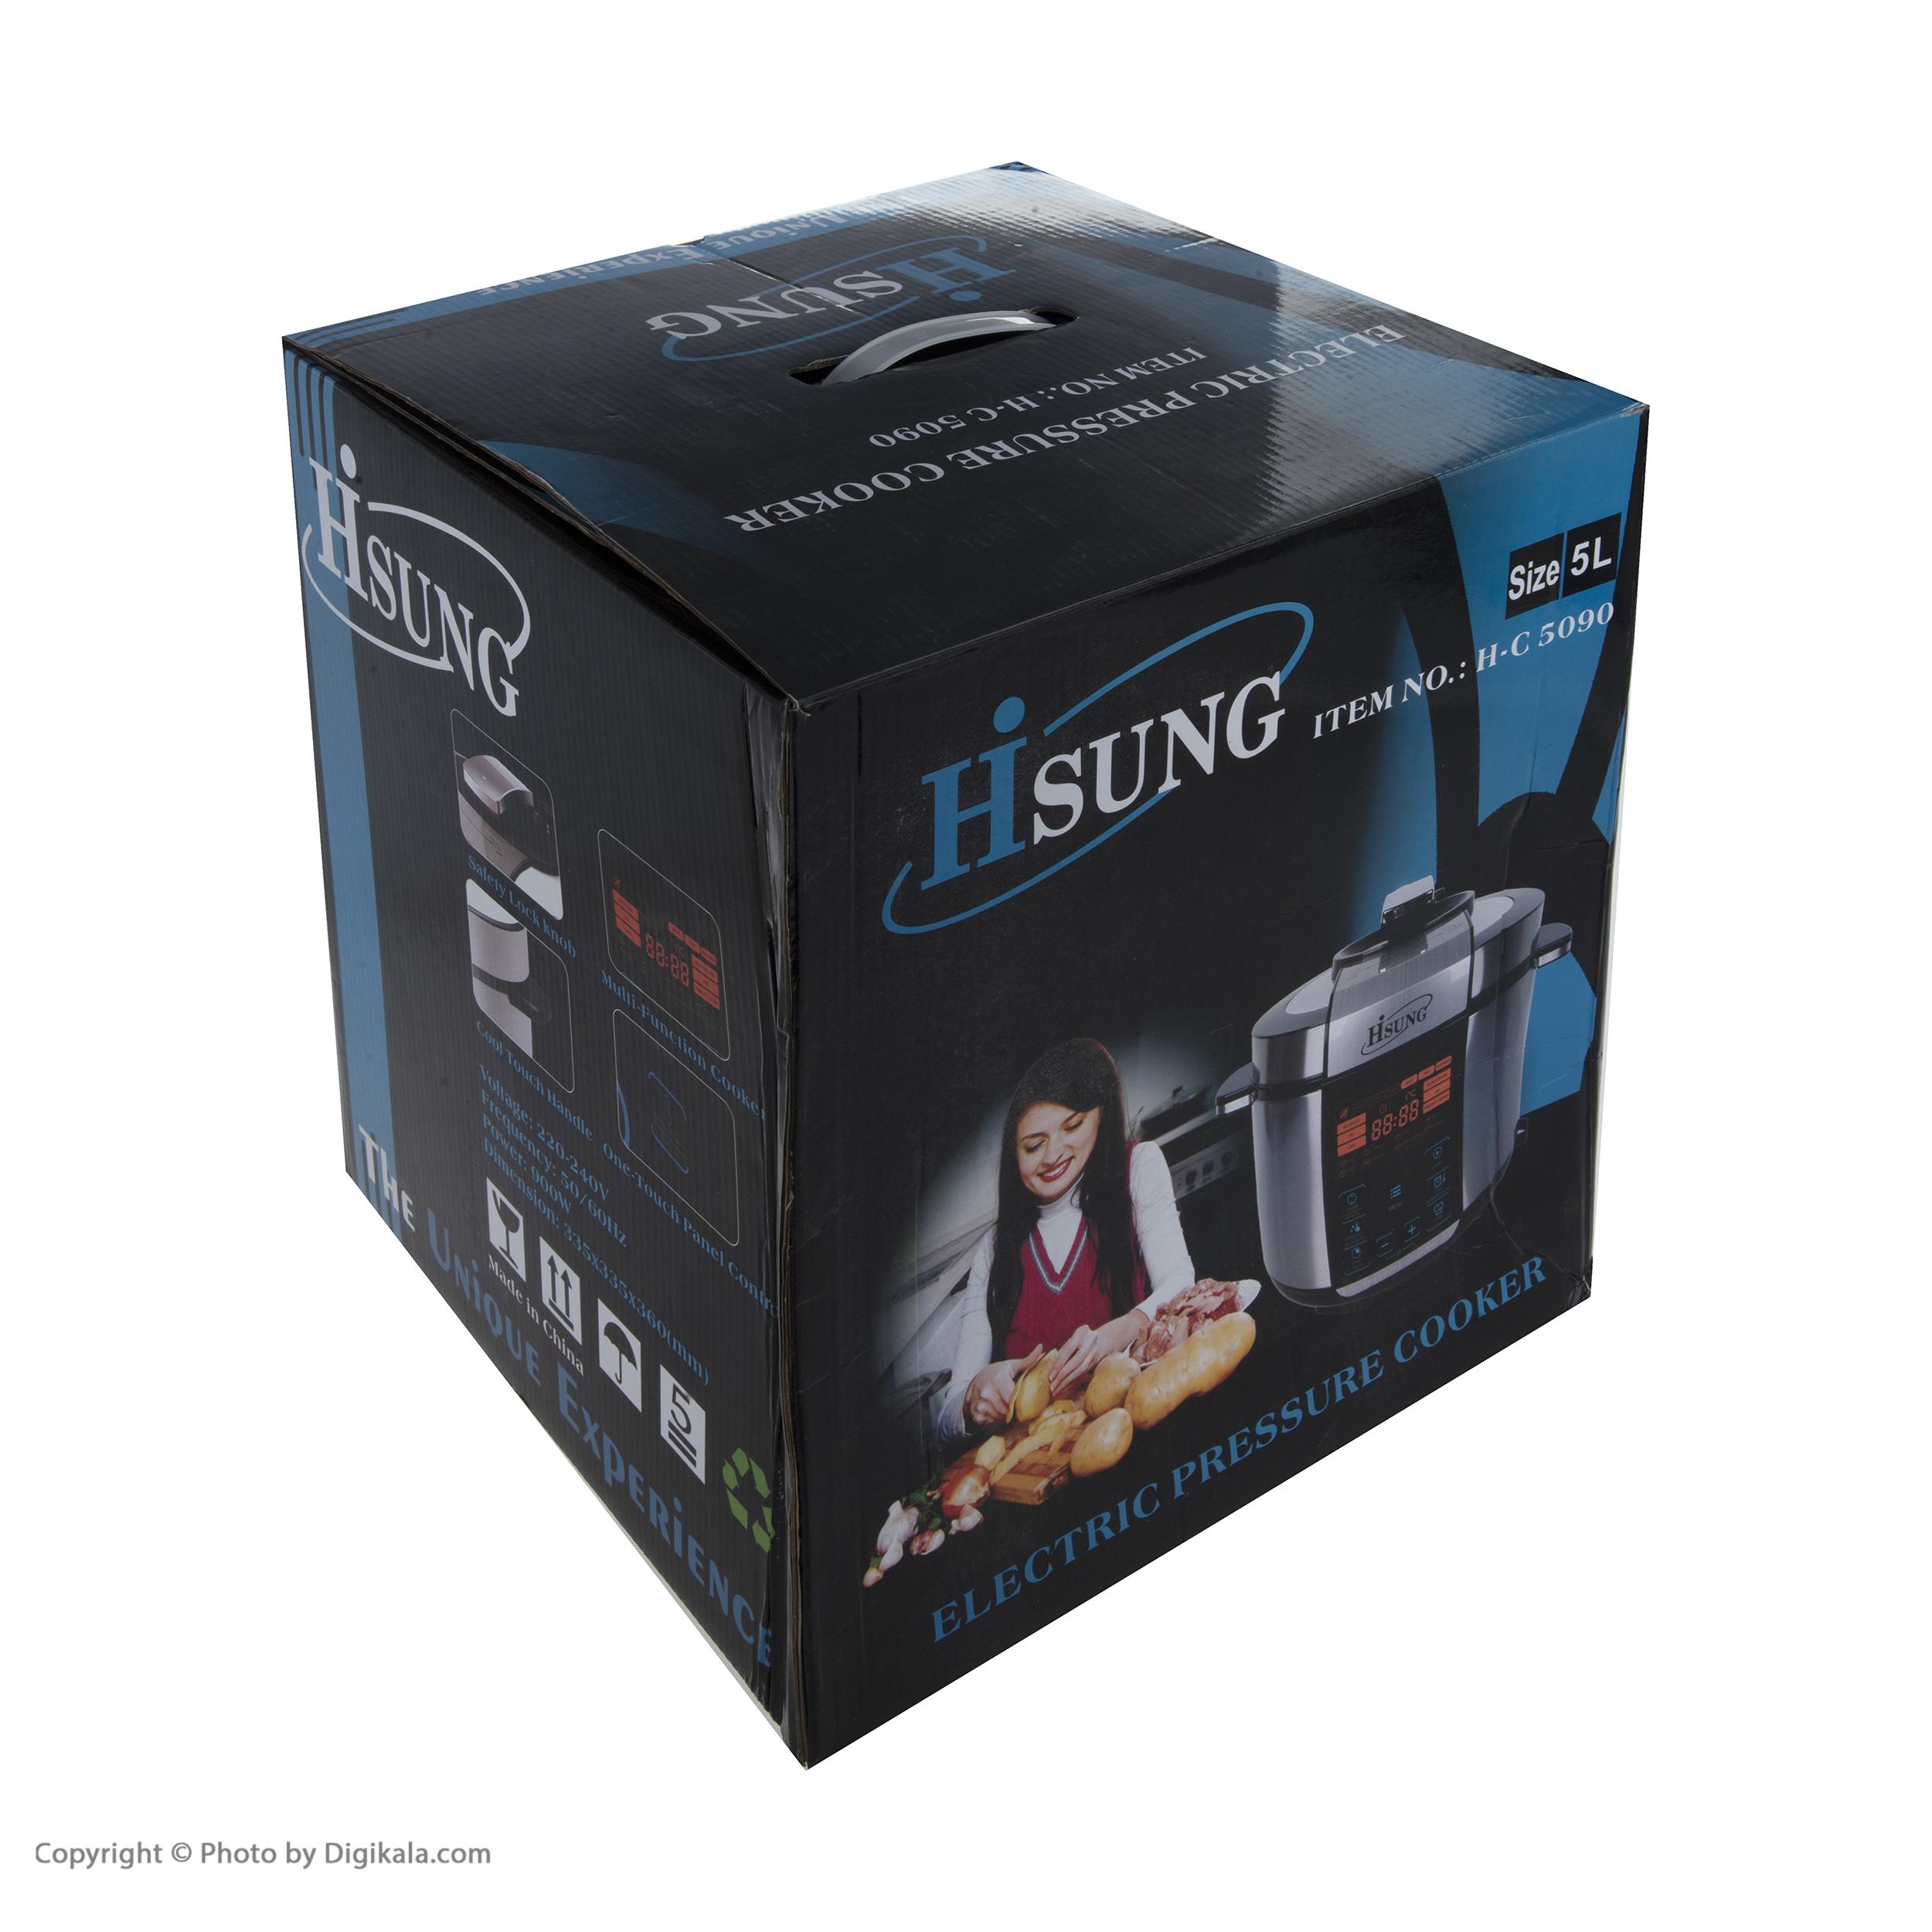 زود پز برقی هایسونگ مدل 5090  main 1 7